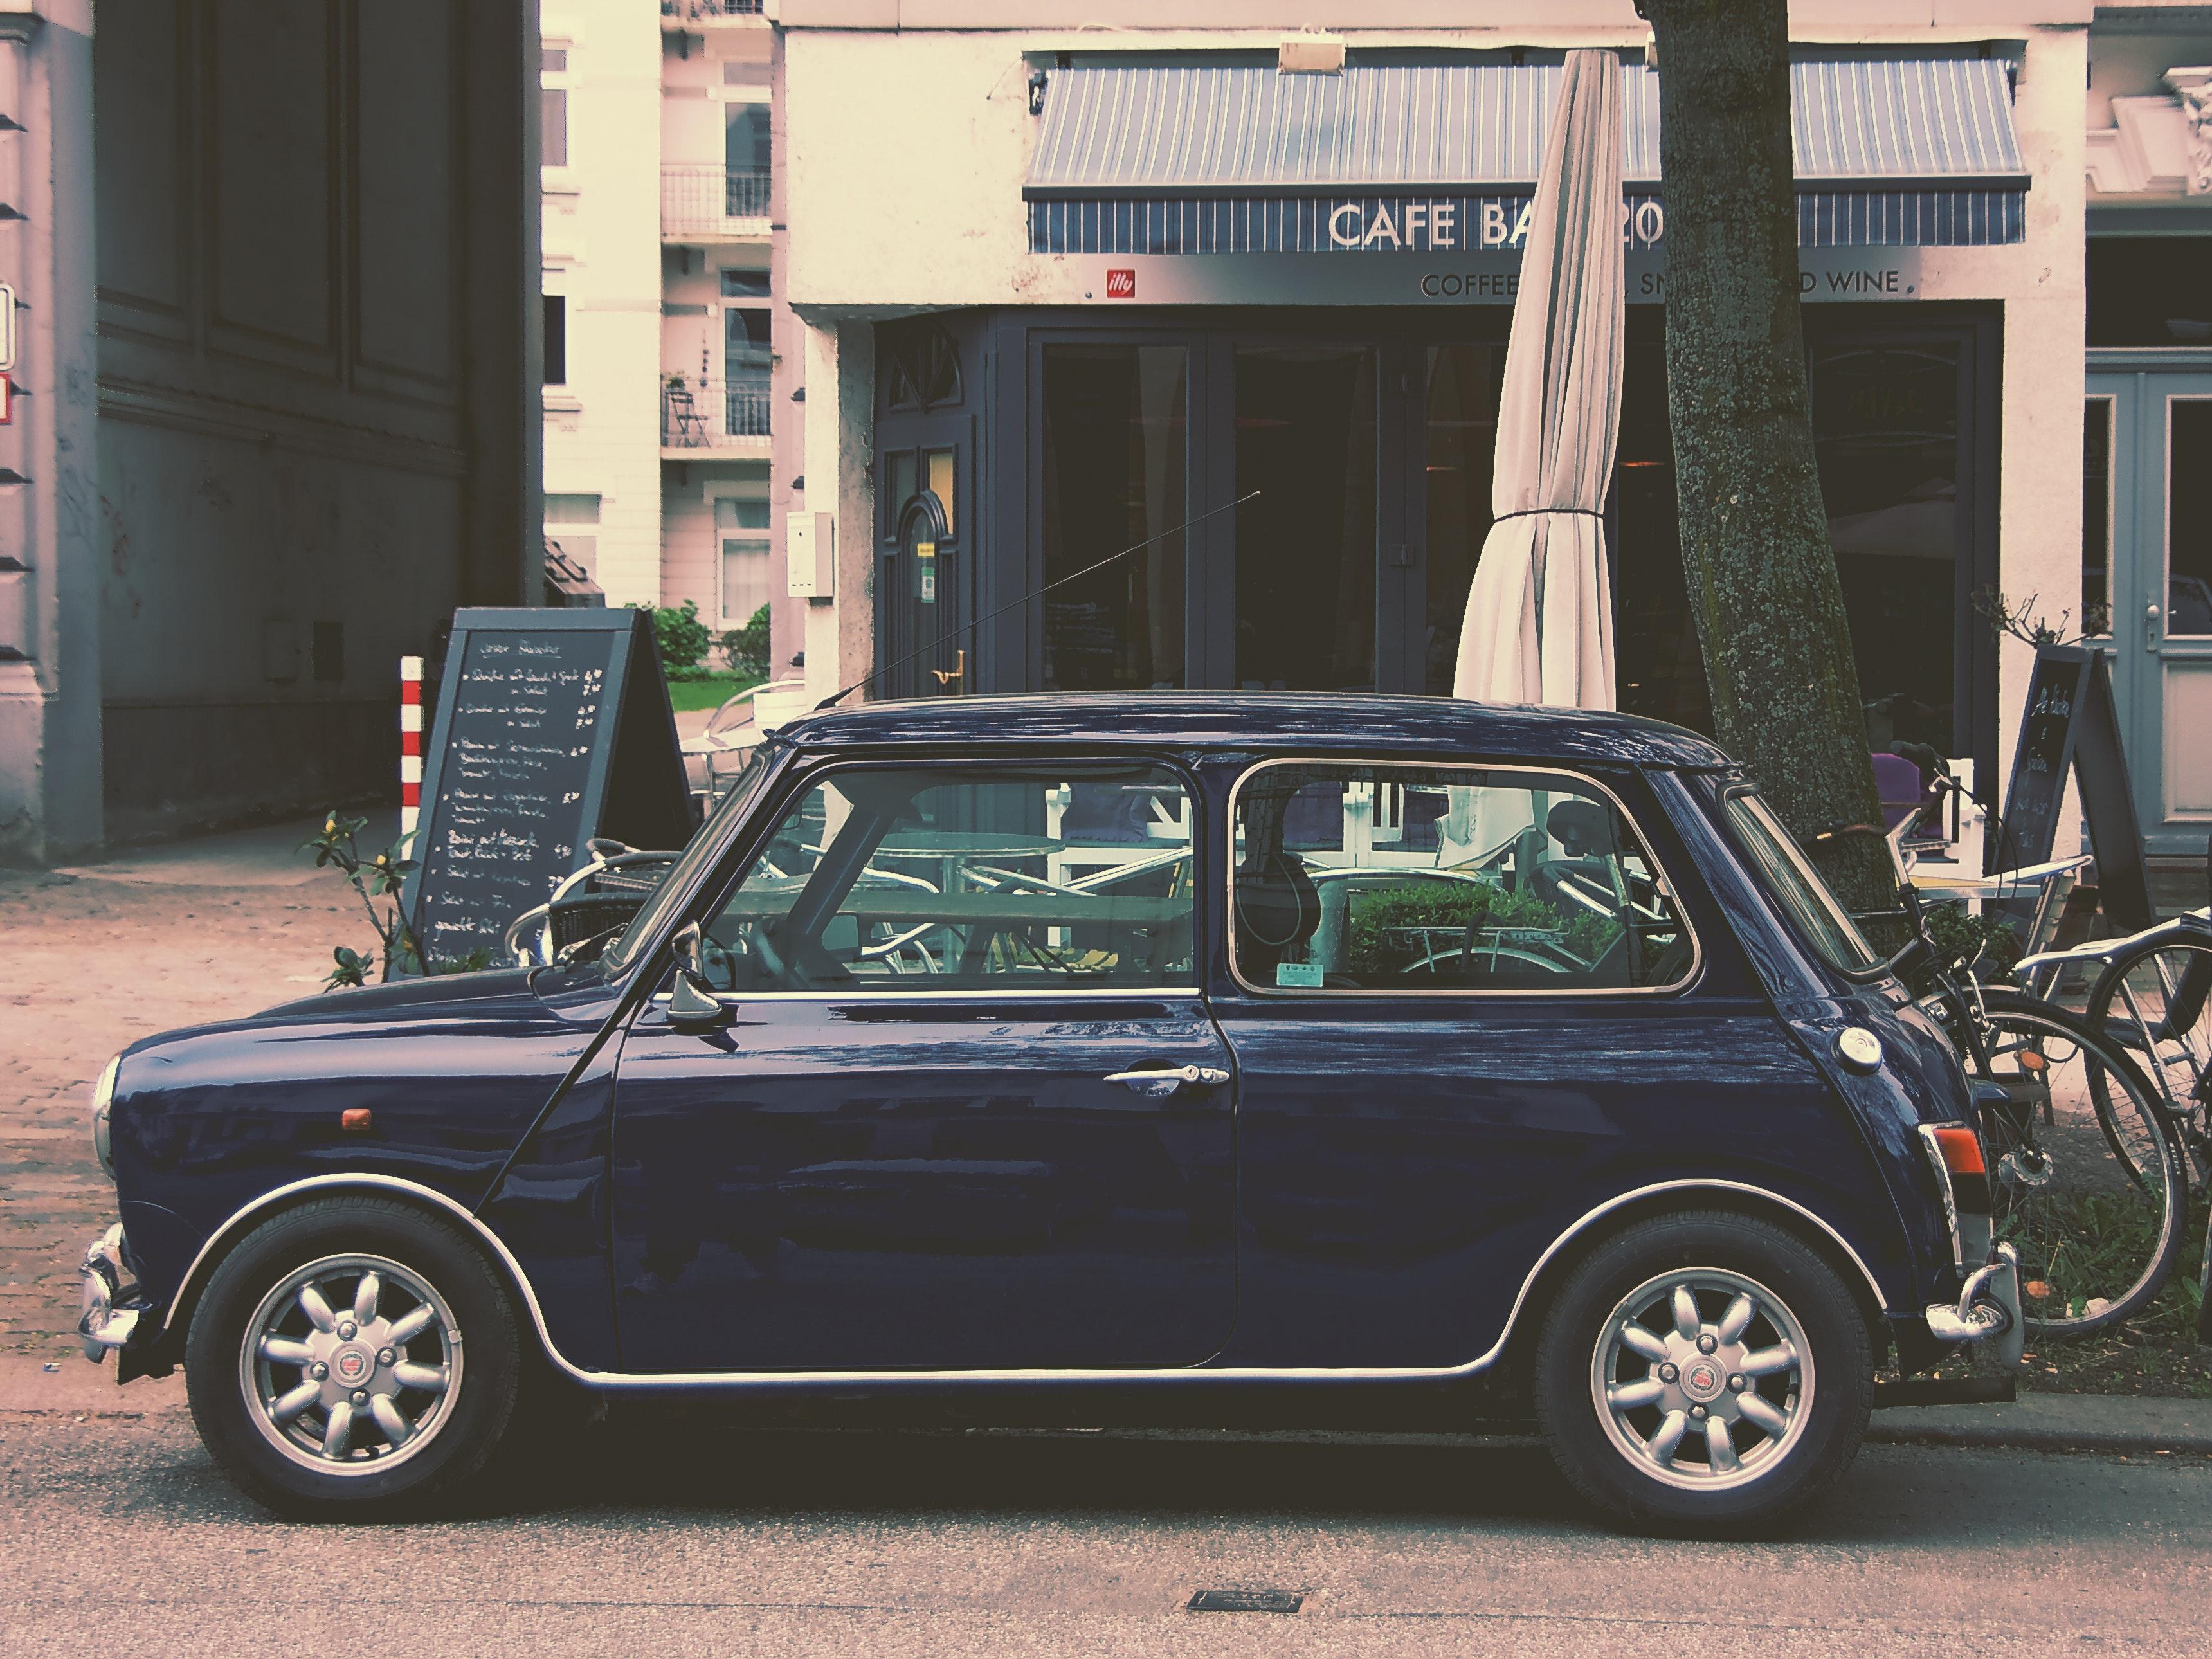 Blue 5 Door Hatchback, Automobile, Automotive, Cafe, Car, HQ Photo